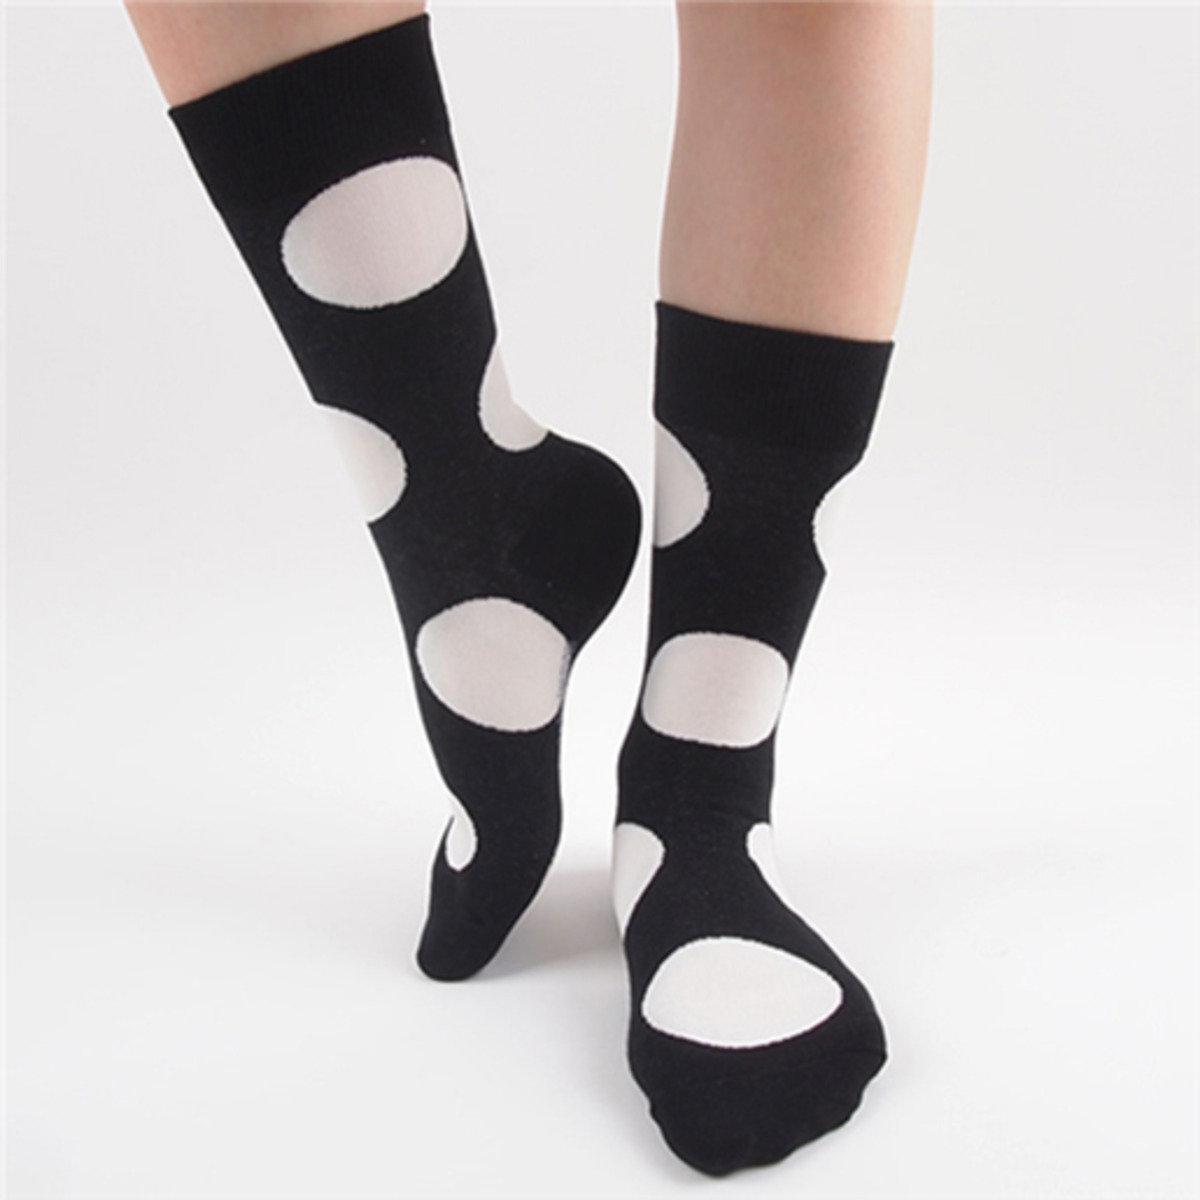 Bigdot 中筒襪 (黑色)_socks_13031